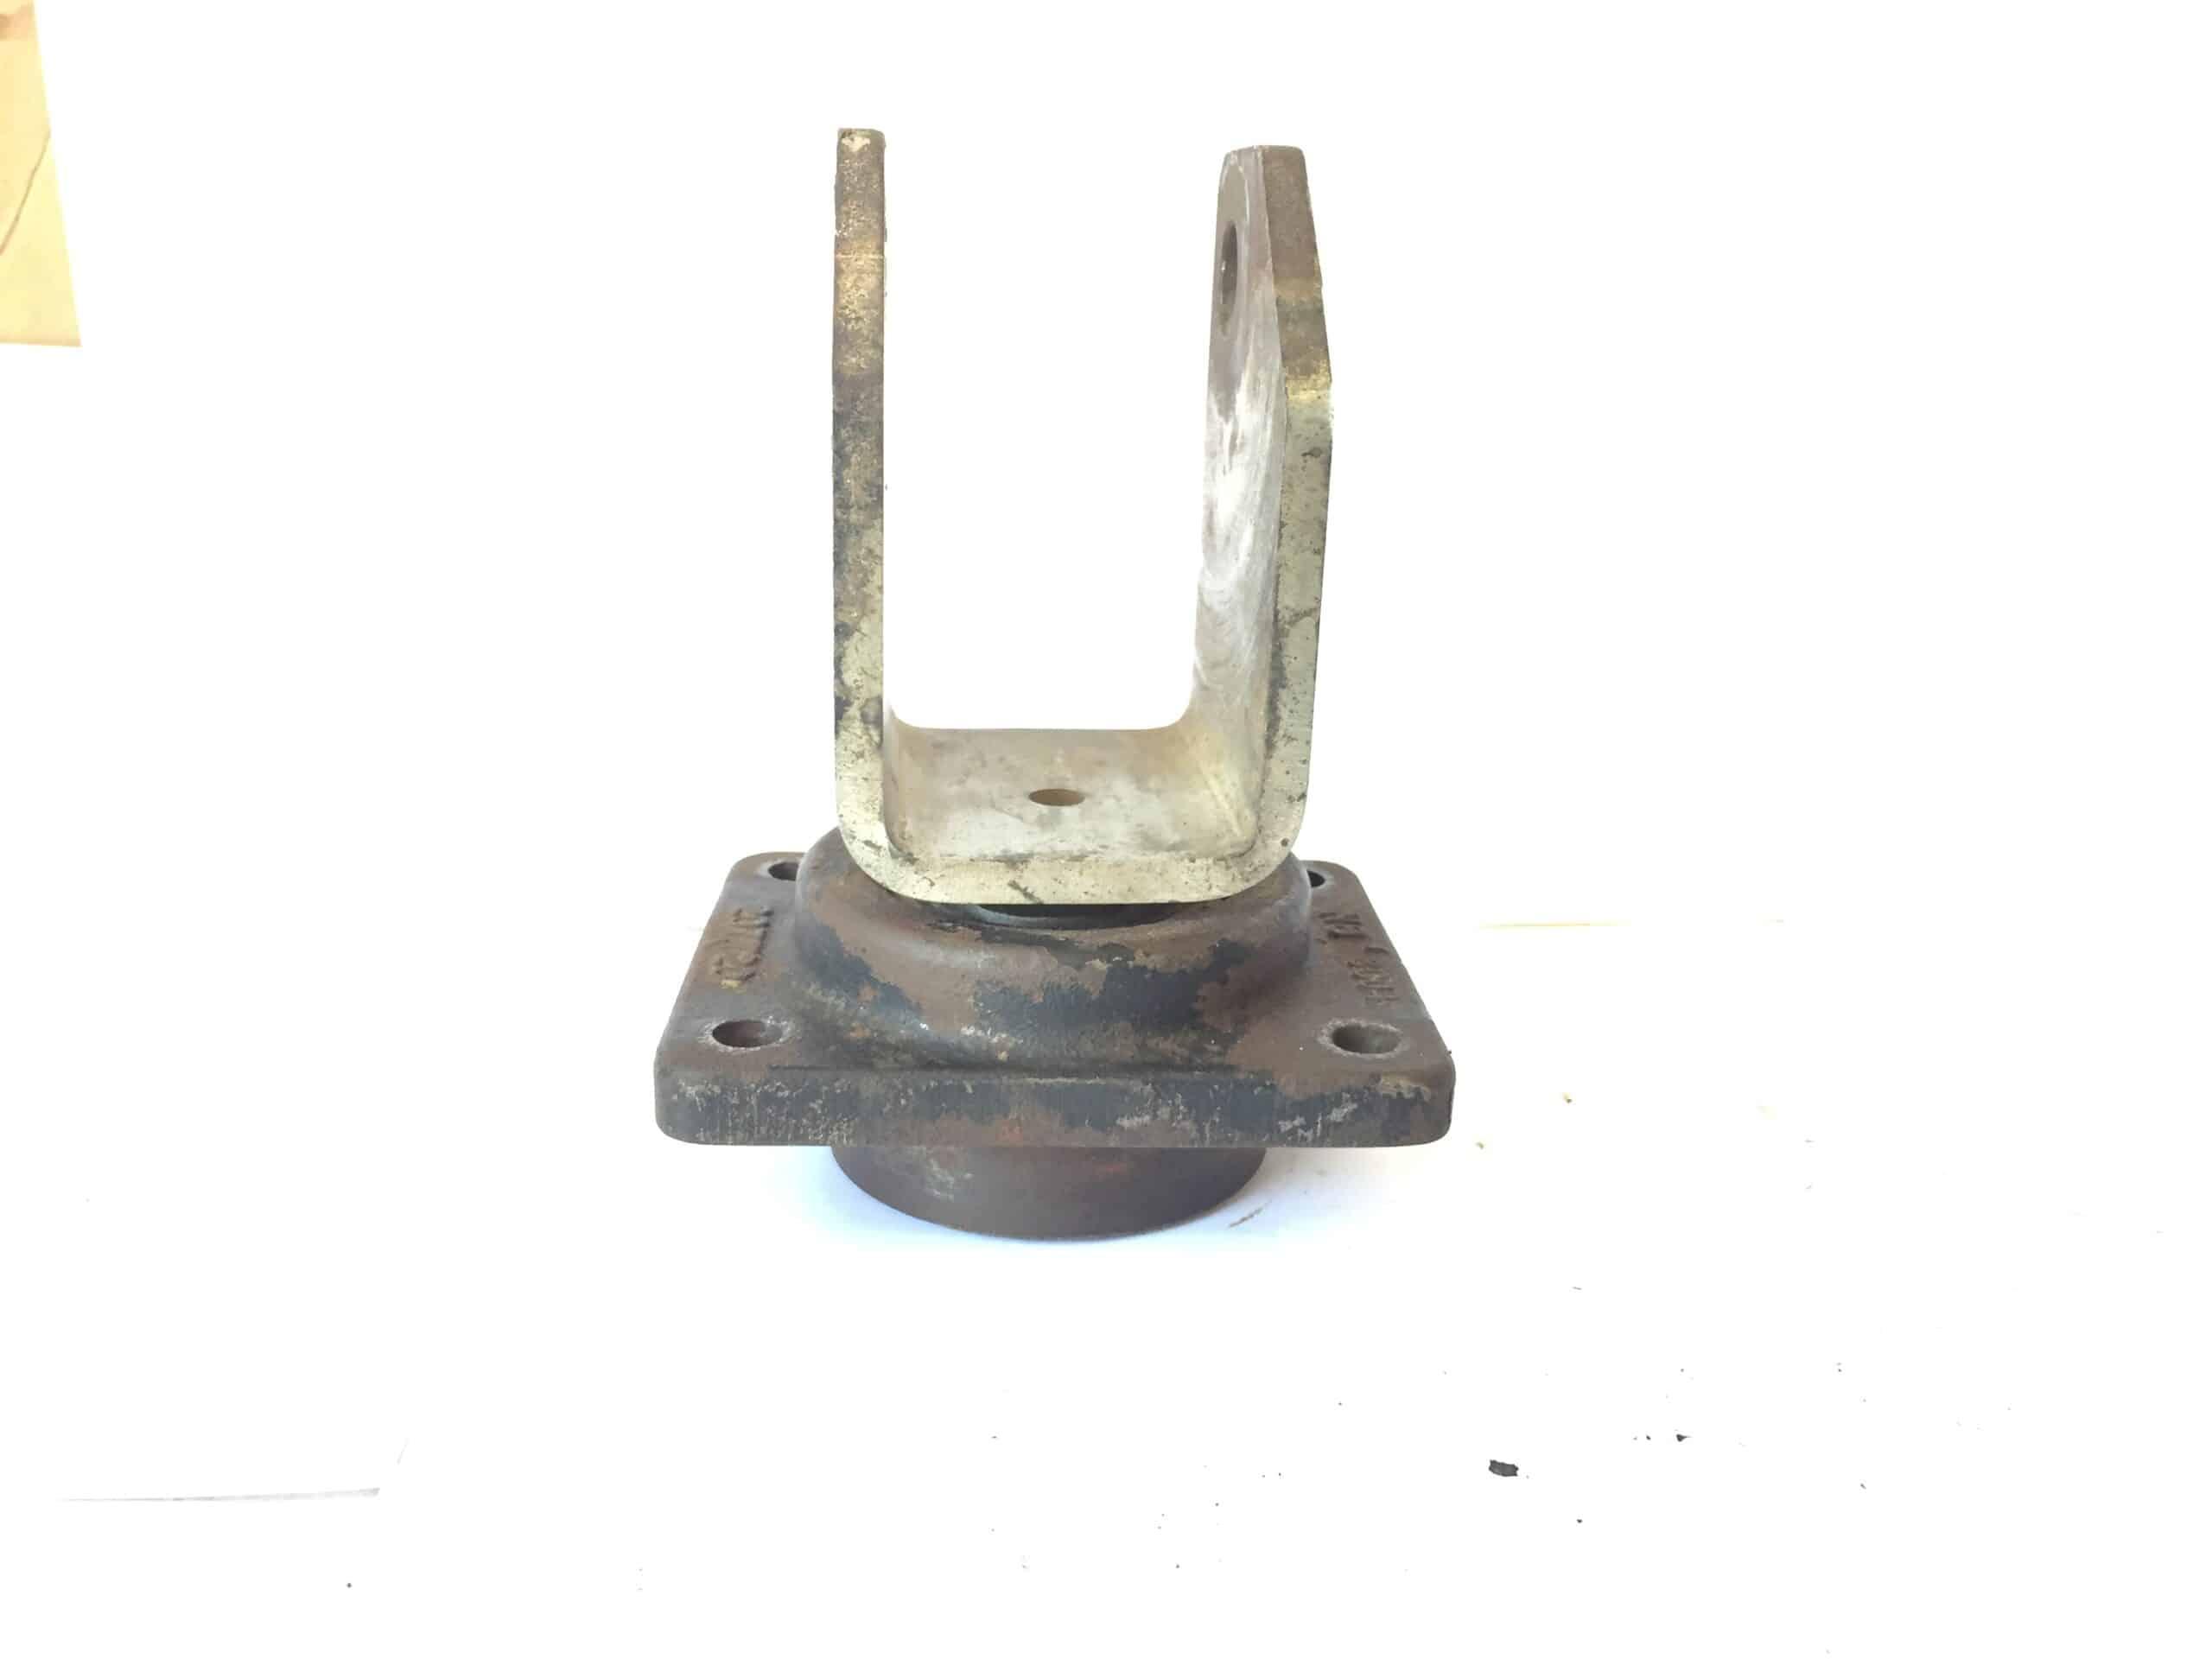 | Castor Wheel Bracket | Fazl-e-Rasheed and Company October 2021